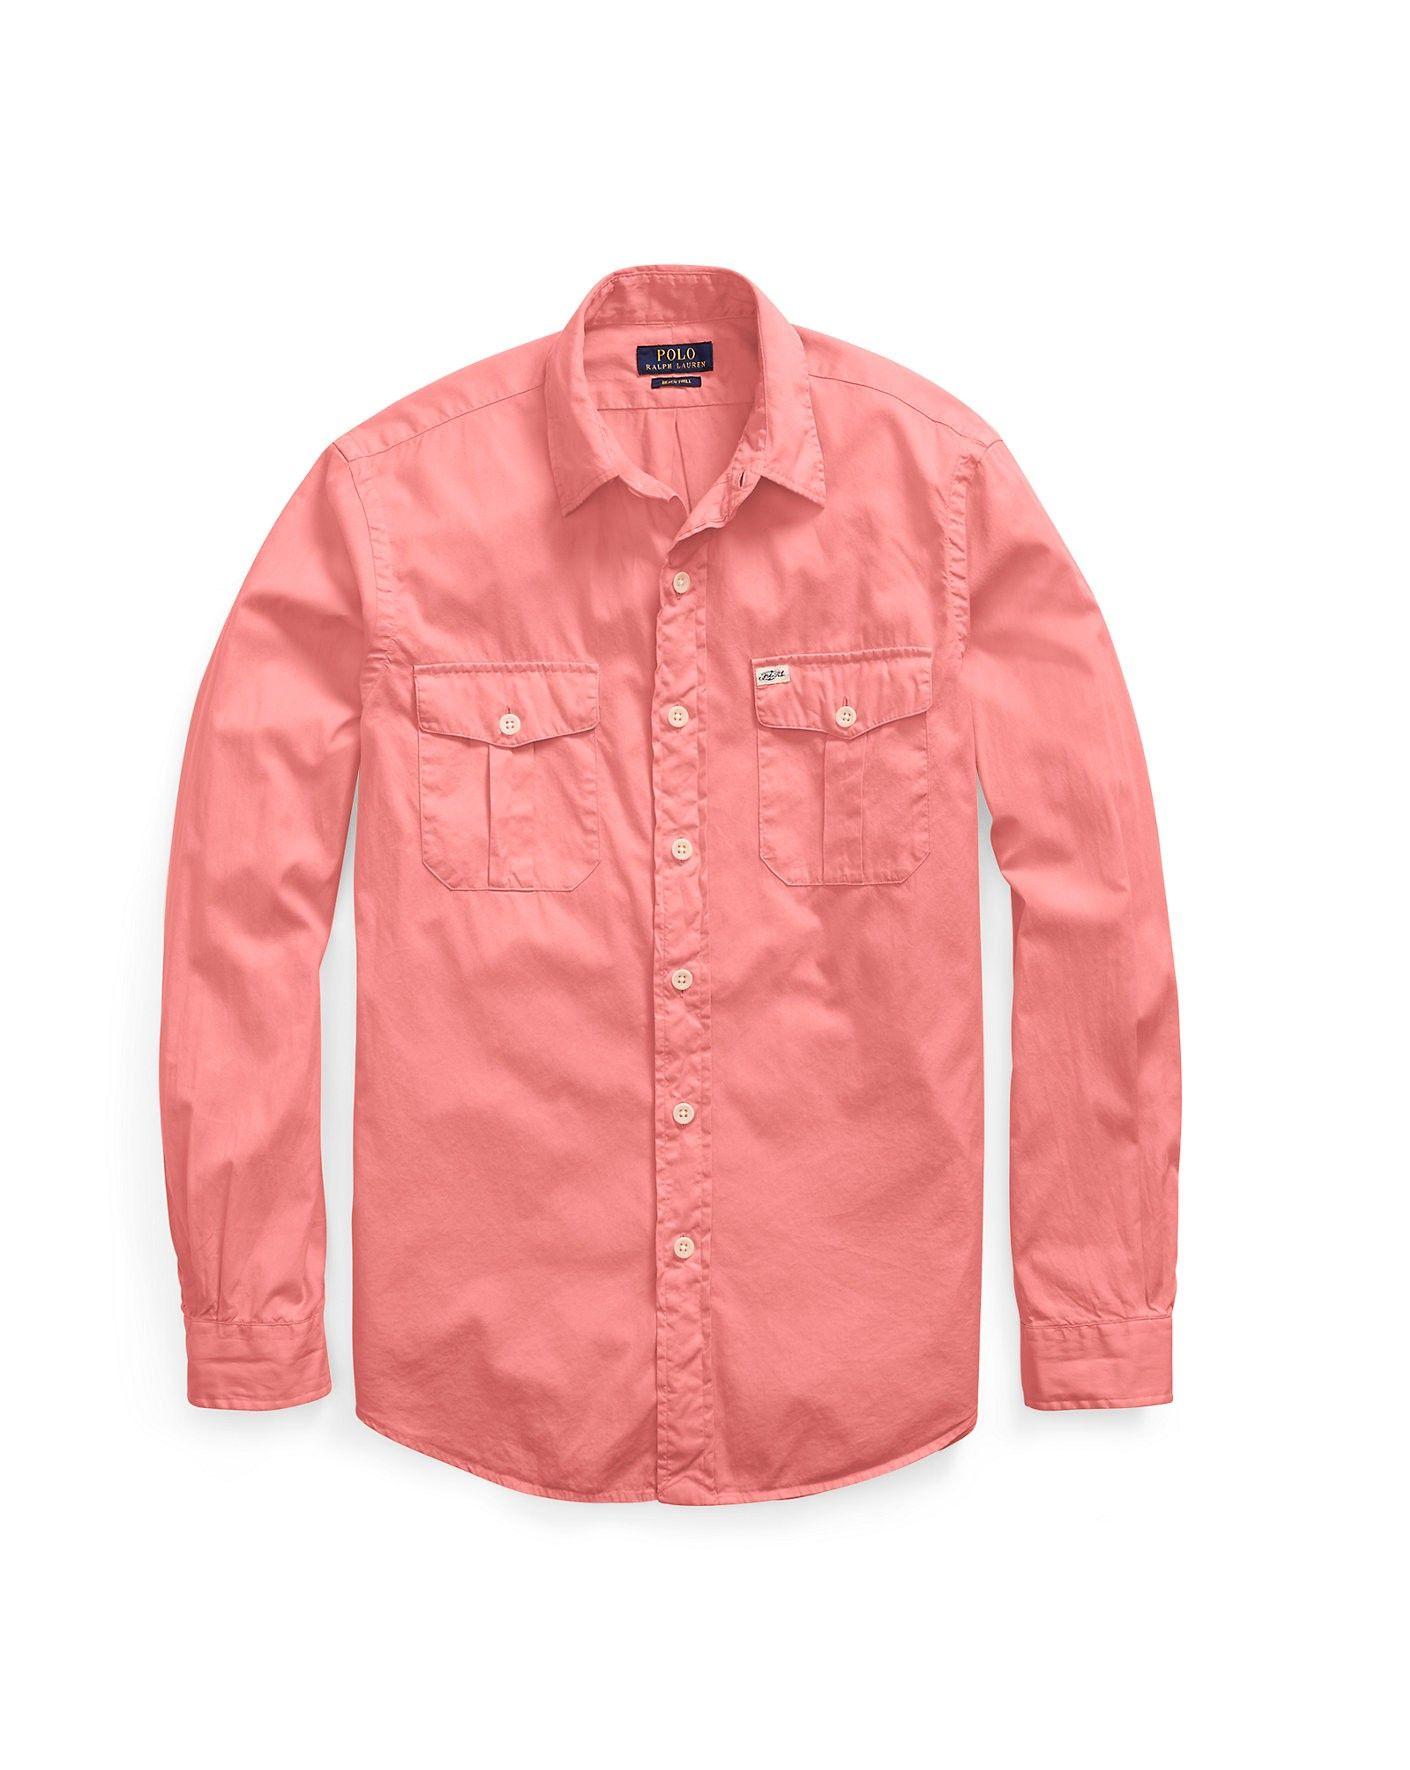 8372325e3 POLO RALPH LAUREN Standard Fit Beach Twill Shirt. #poloralphlauren #cloth #